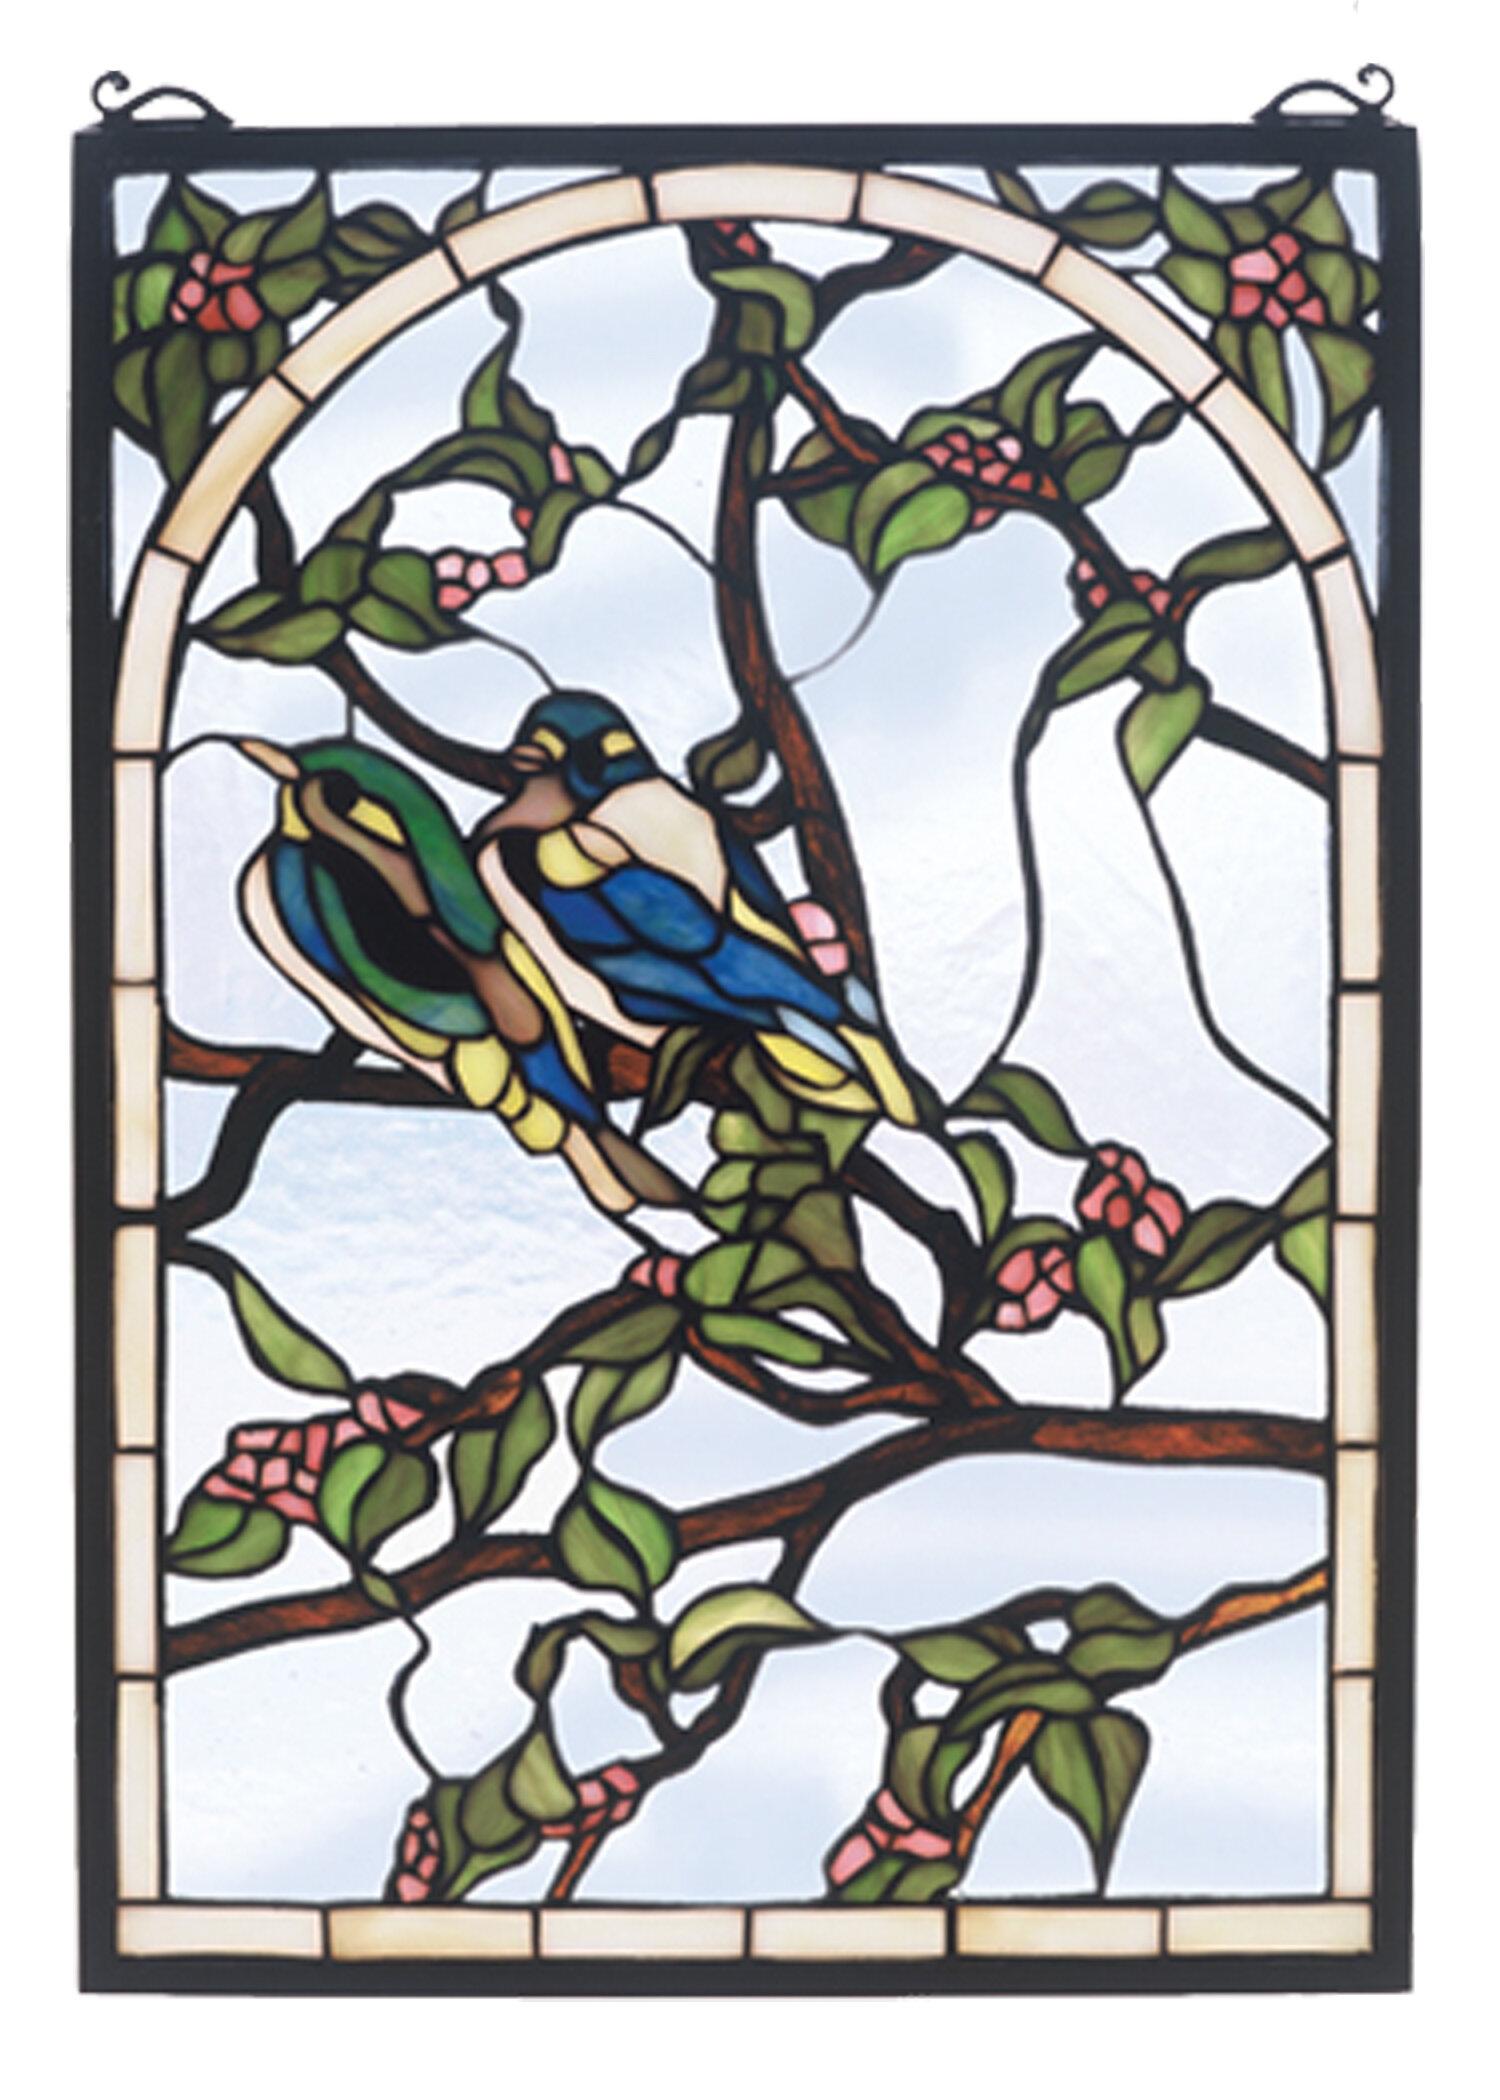 Meyda Tiffany Lovebirds Stained Glass Window Reviews Wayfair